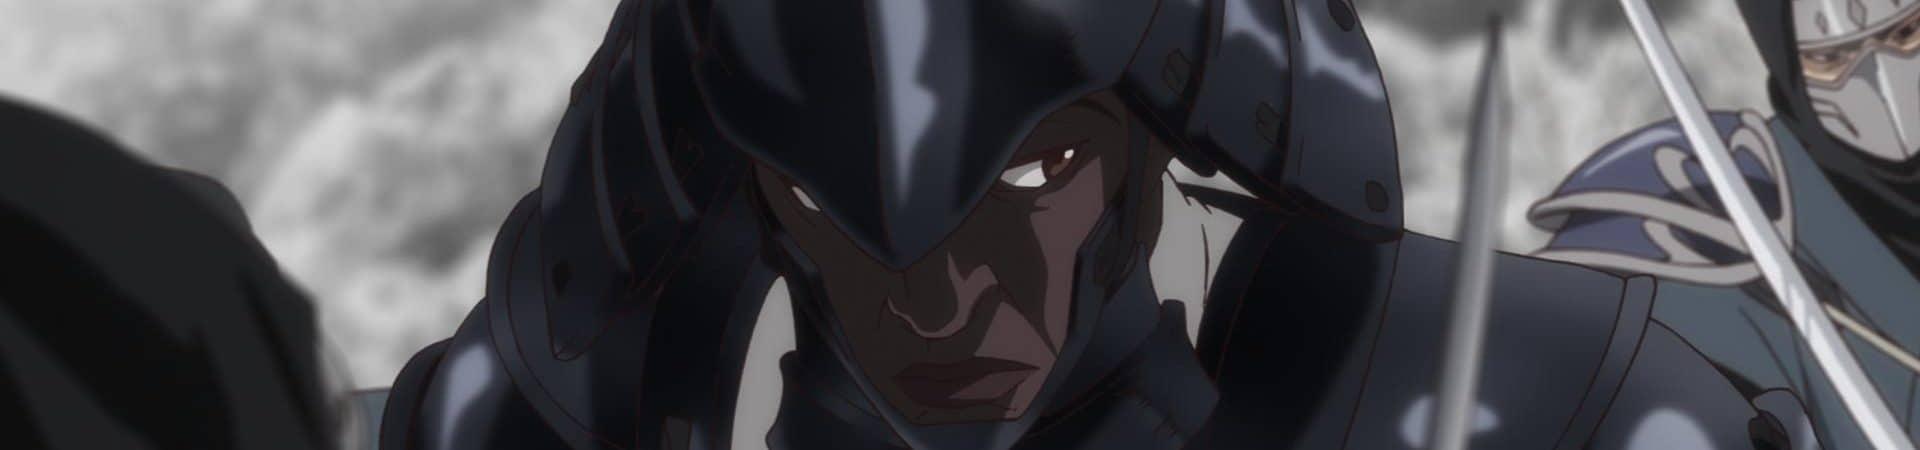 """Imagem mostra cena do anime """"Yasuke"""", da Netflix: nela, um samurai africado veste uma armadura típica japonesa e empunha uma espada"""